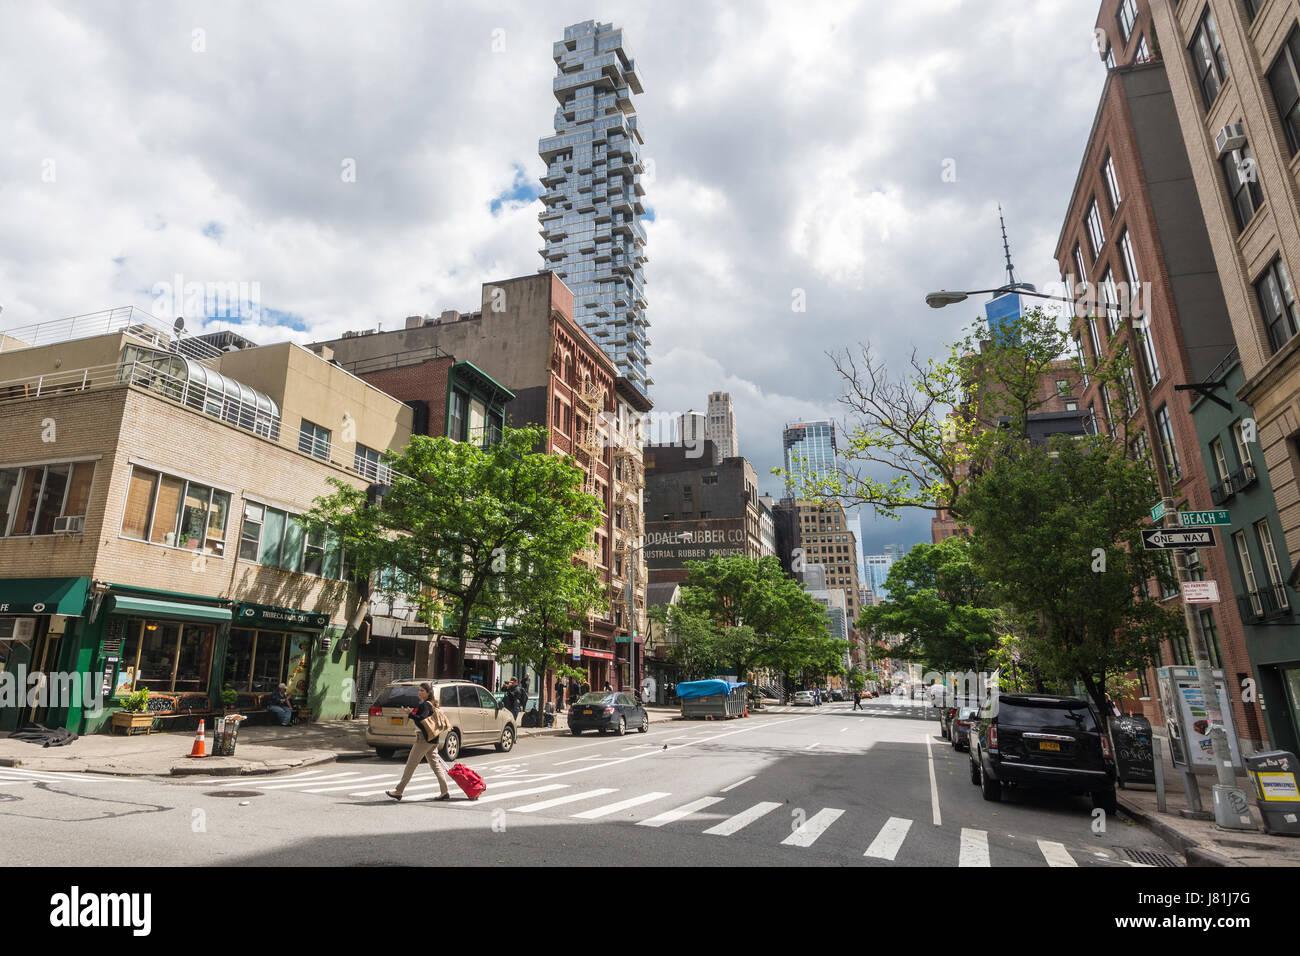 New York, USA. 26. Mai 2017. Leere Straßen im TriBeCa am Freitag vor dem Memorial Day Wochenende als New Yorker Stockbild